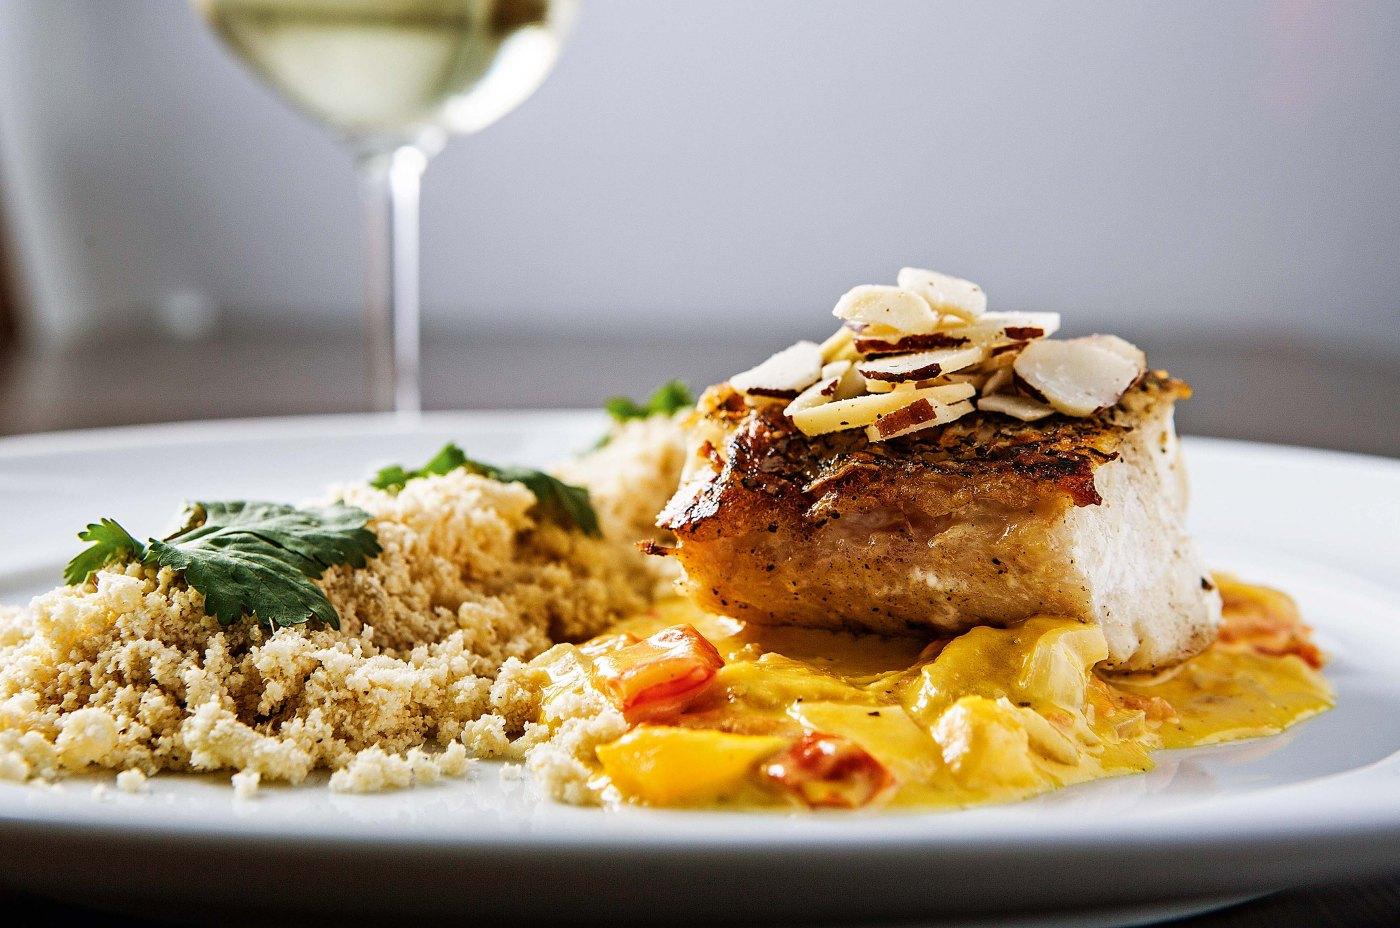 O valet é free para clientes Visa em restaurantes selecionados | VEJA SÃO PAULO